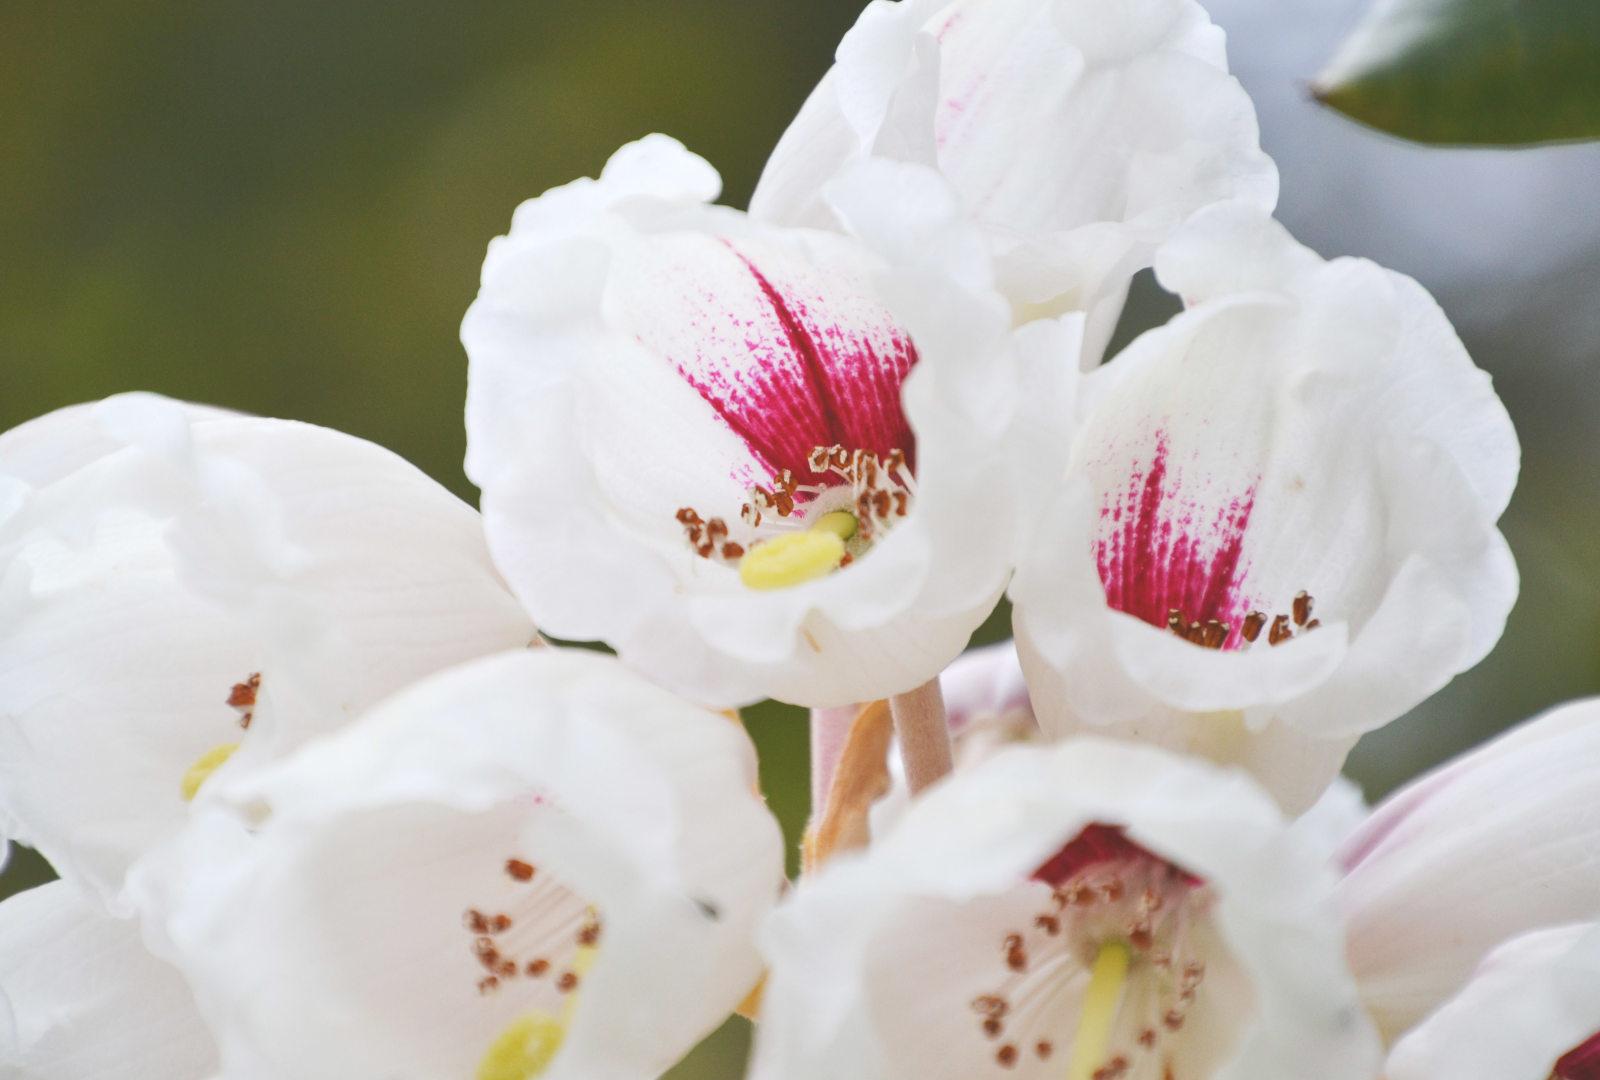 Rhododendron 'Trebah Gem' at trebah